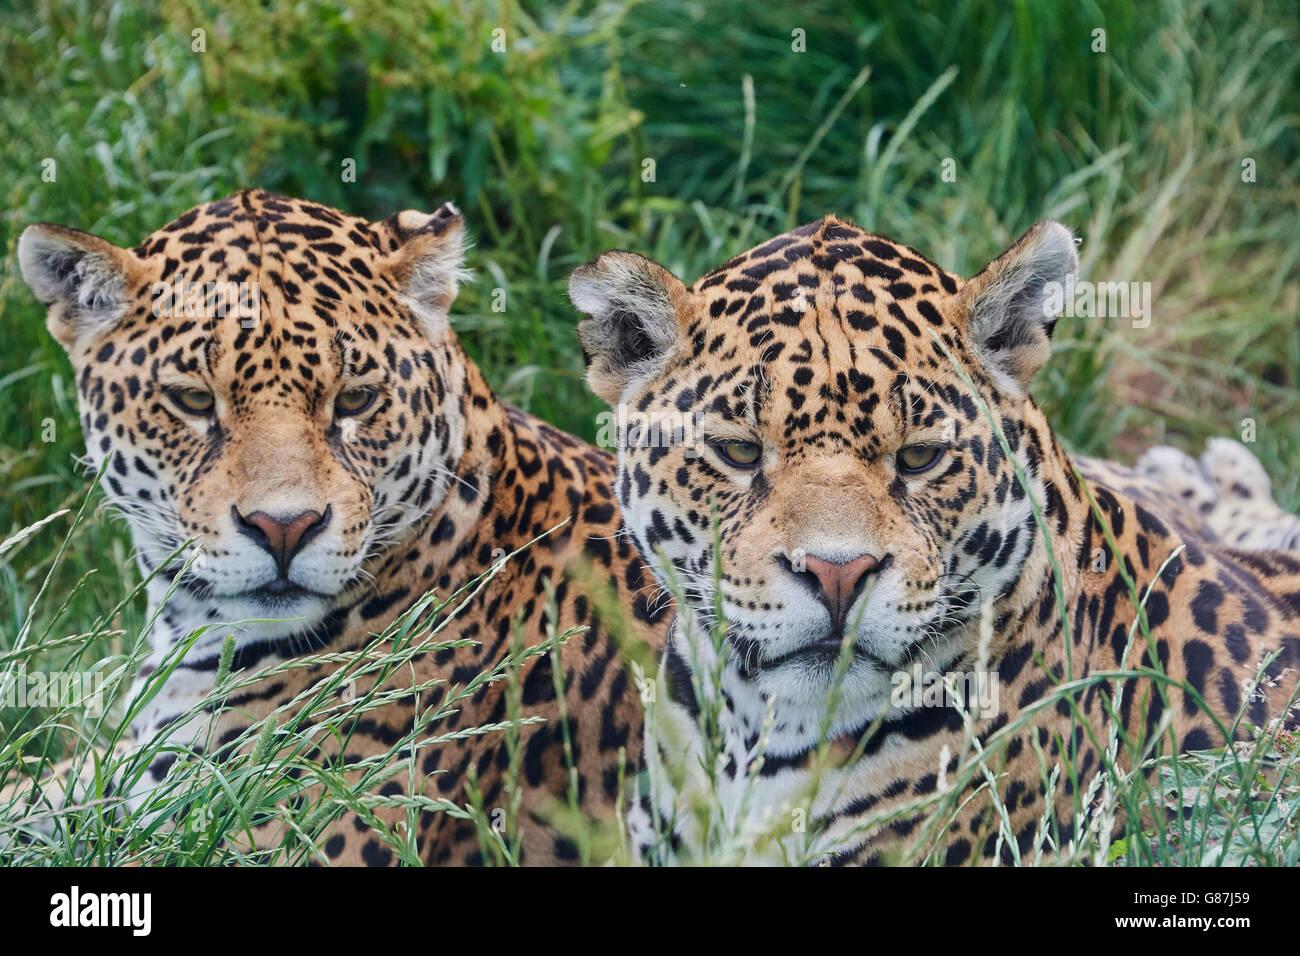 Le Jaguar est un gros chat, un félin dans le Panthera genre, et est le seul Panthera espèces indigènes de l'Amérique. Banque D'Images